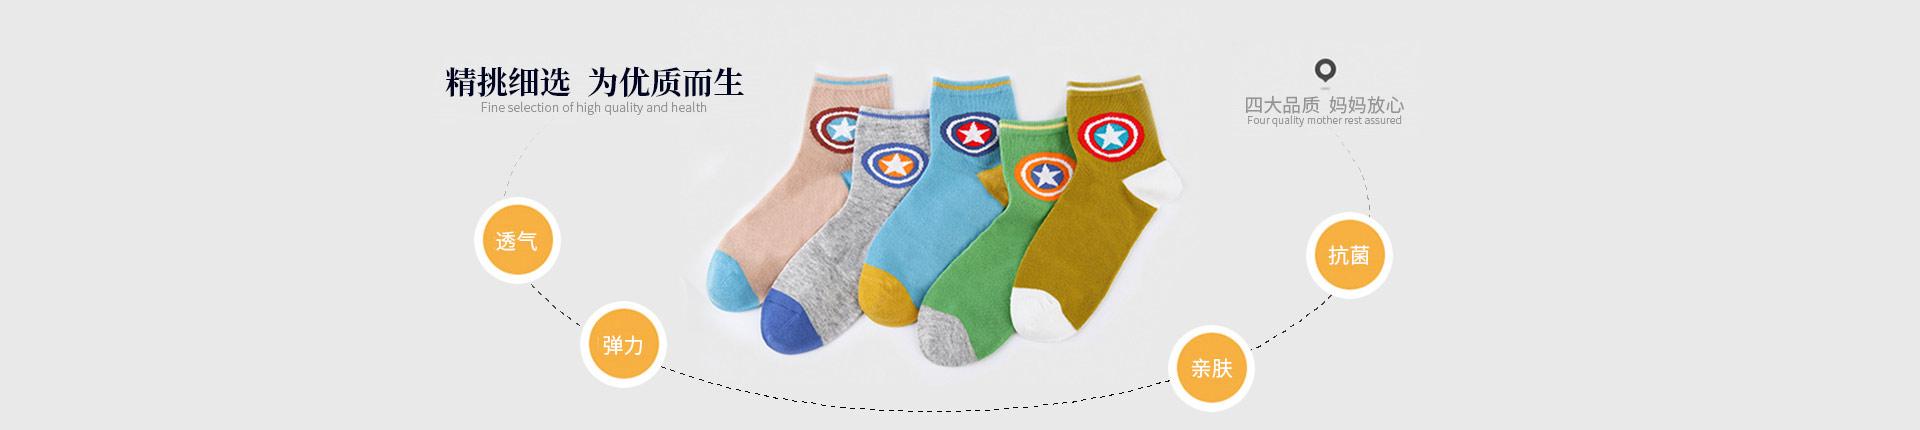 紅日襪業官方網站